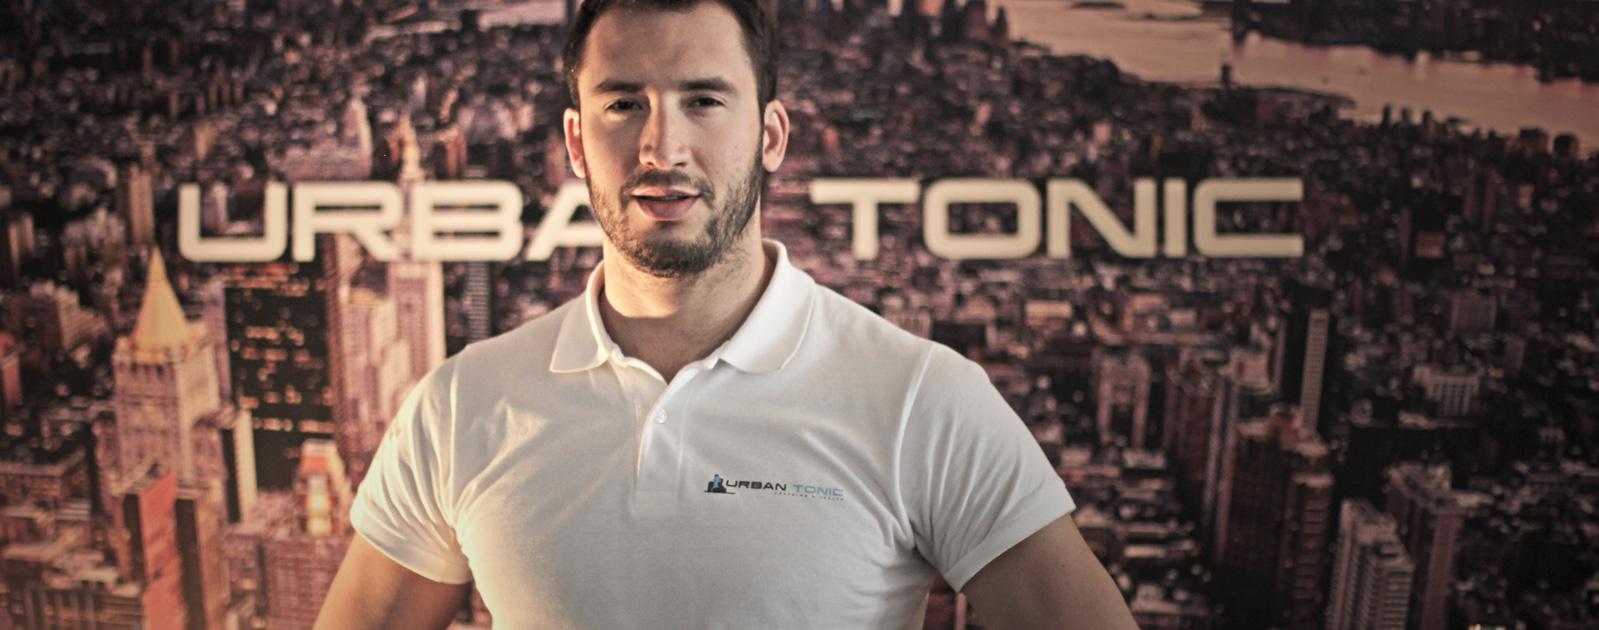 Urban Tonic coach sportif Selim